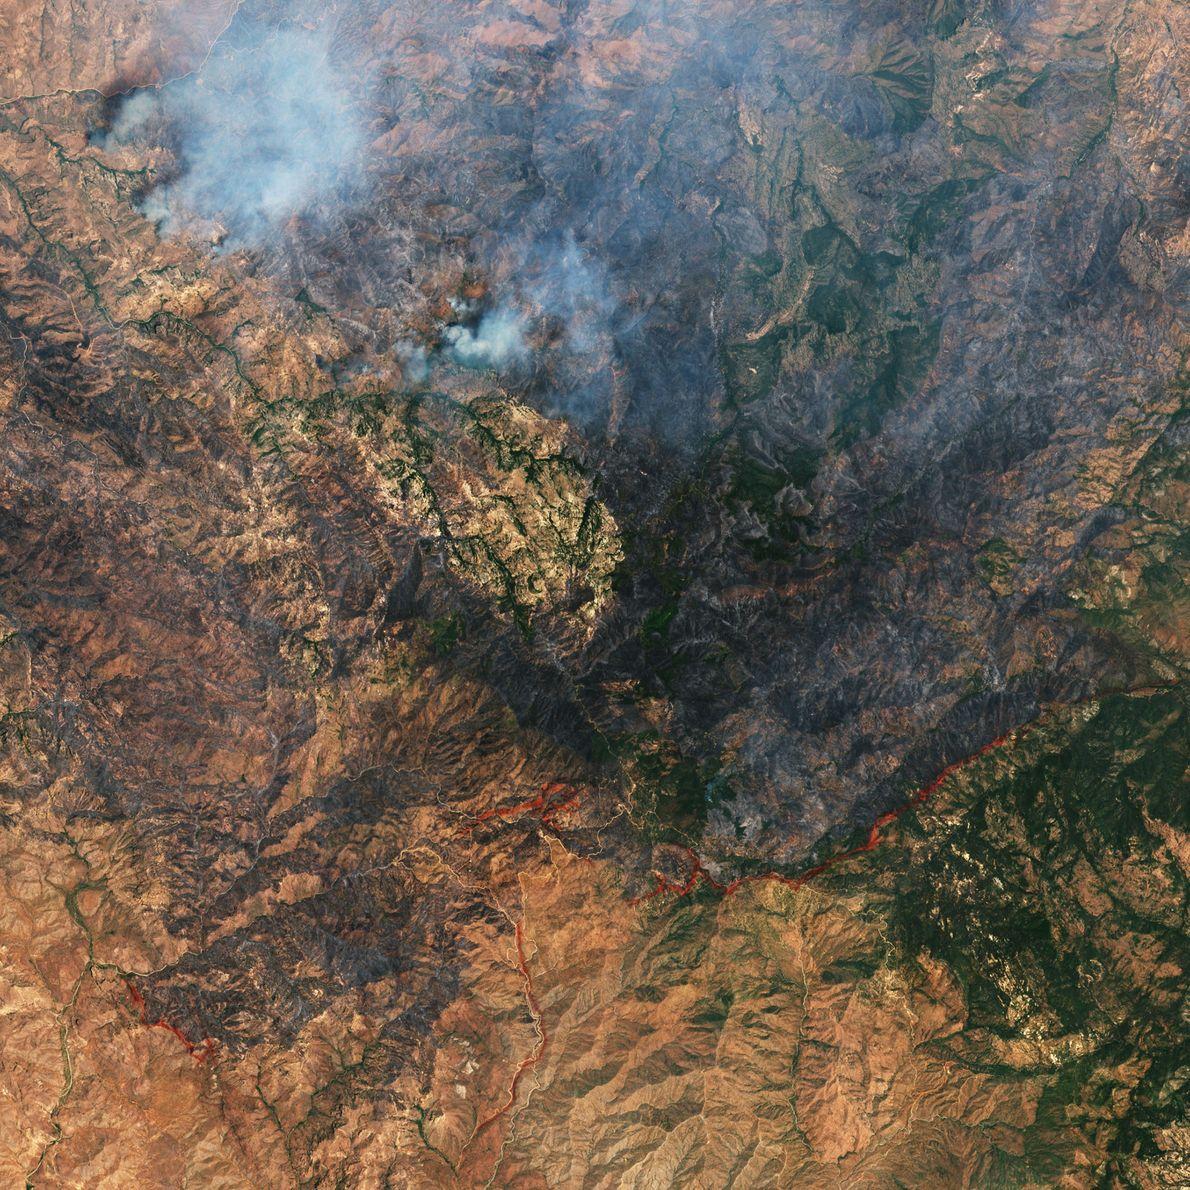 No dia 8 de junho, um enorme incêndio destruiu trechos de vegetação a leste de Phoenix, ...